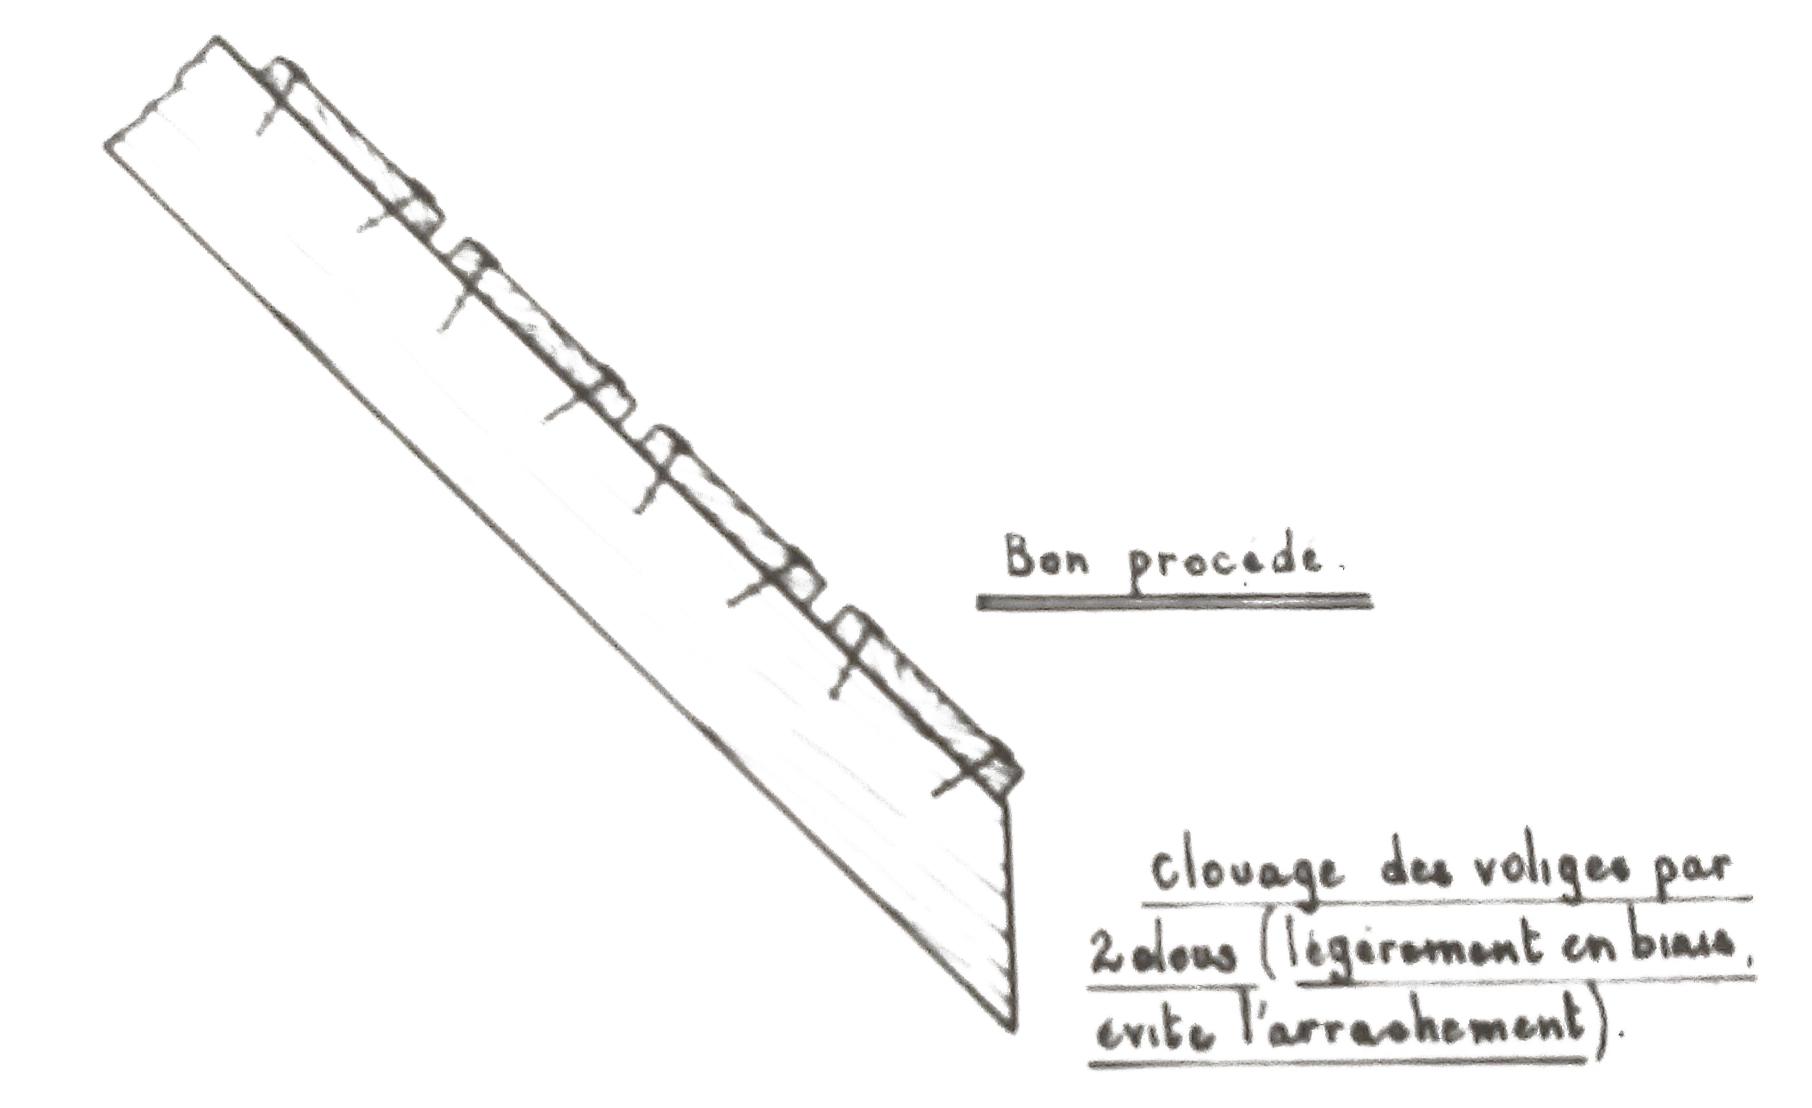 Couverture zinc joint debout